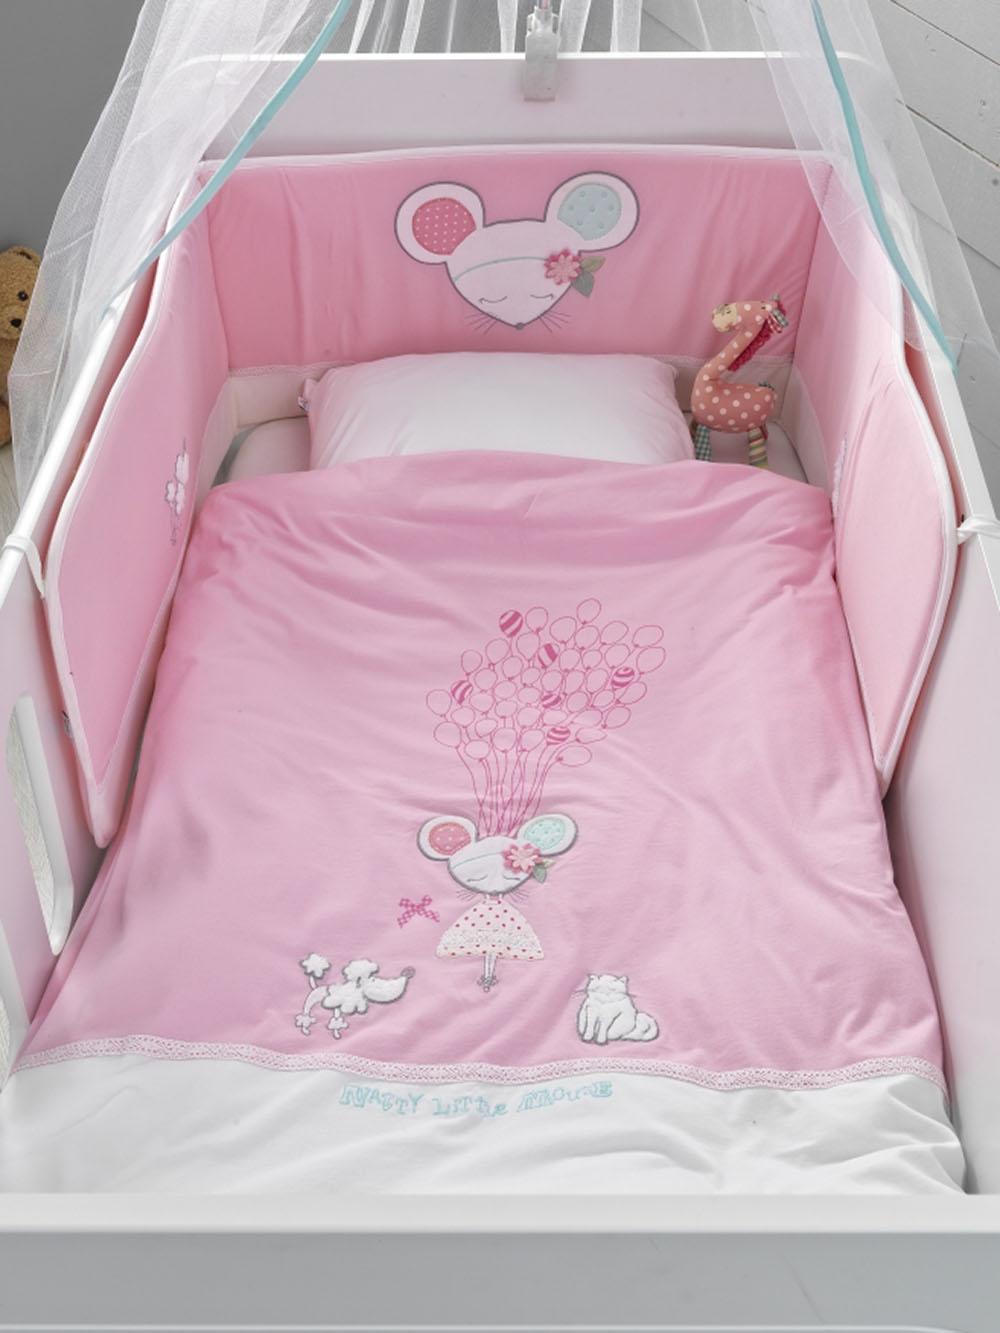 Βρεφικό Σετ Κρεβατιού (5 Τμχ) Dolly Palamaiki Baby Comfort in A Box λευκά είδη βρεφικά σετ κούνιας